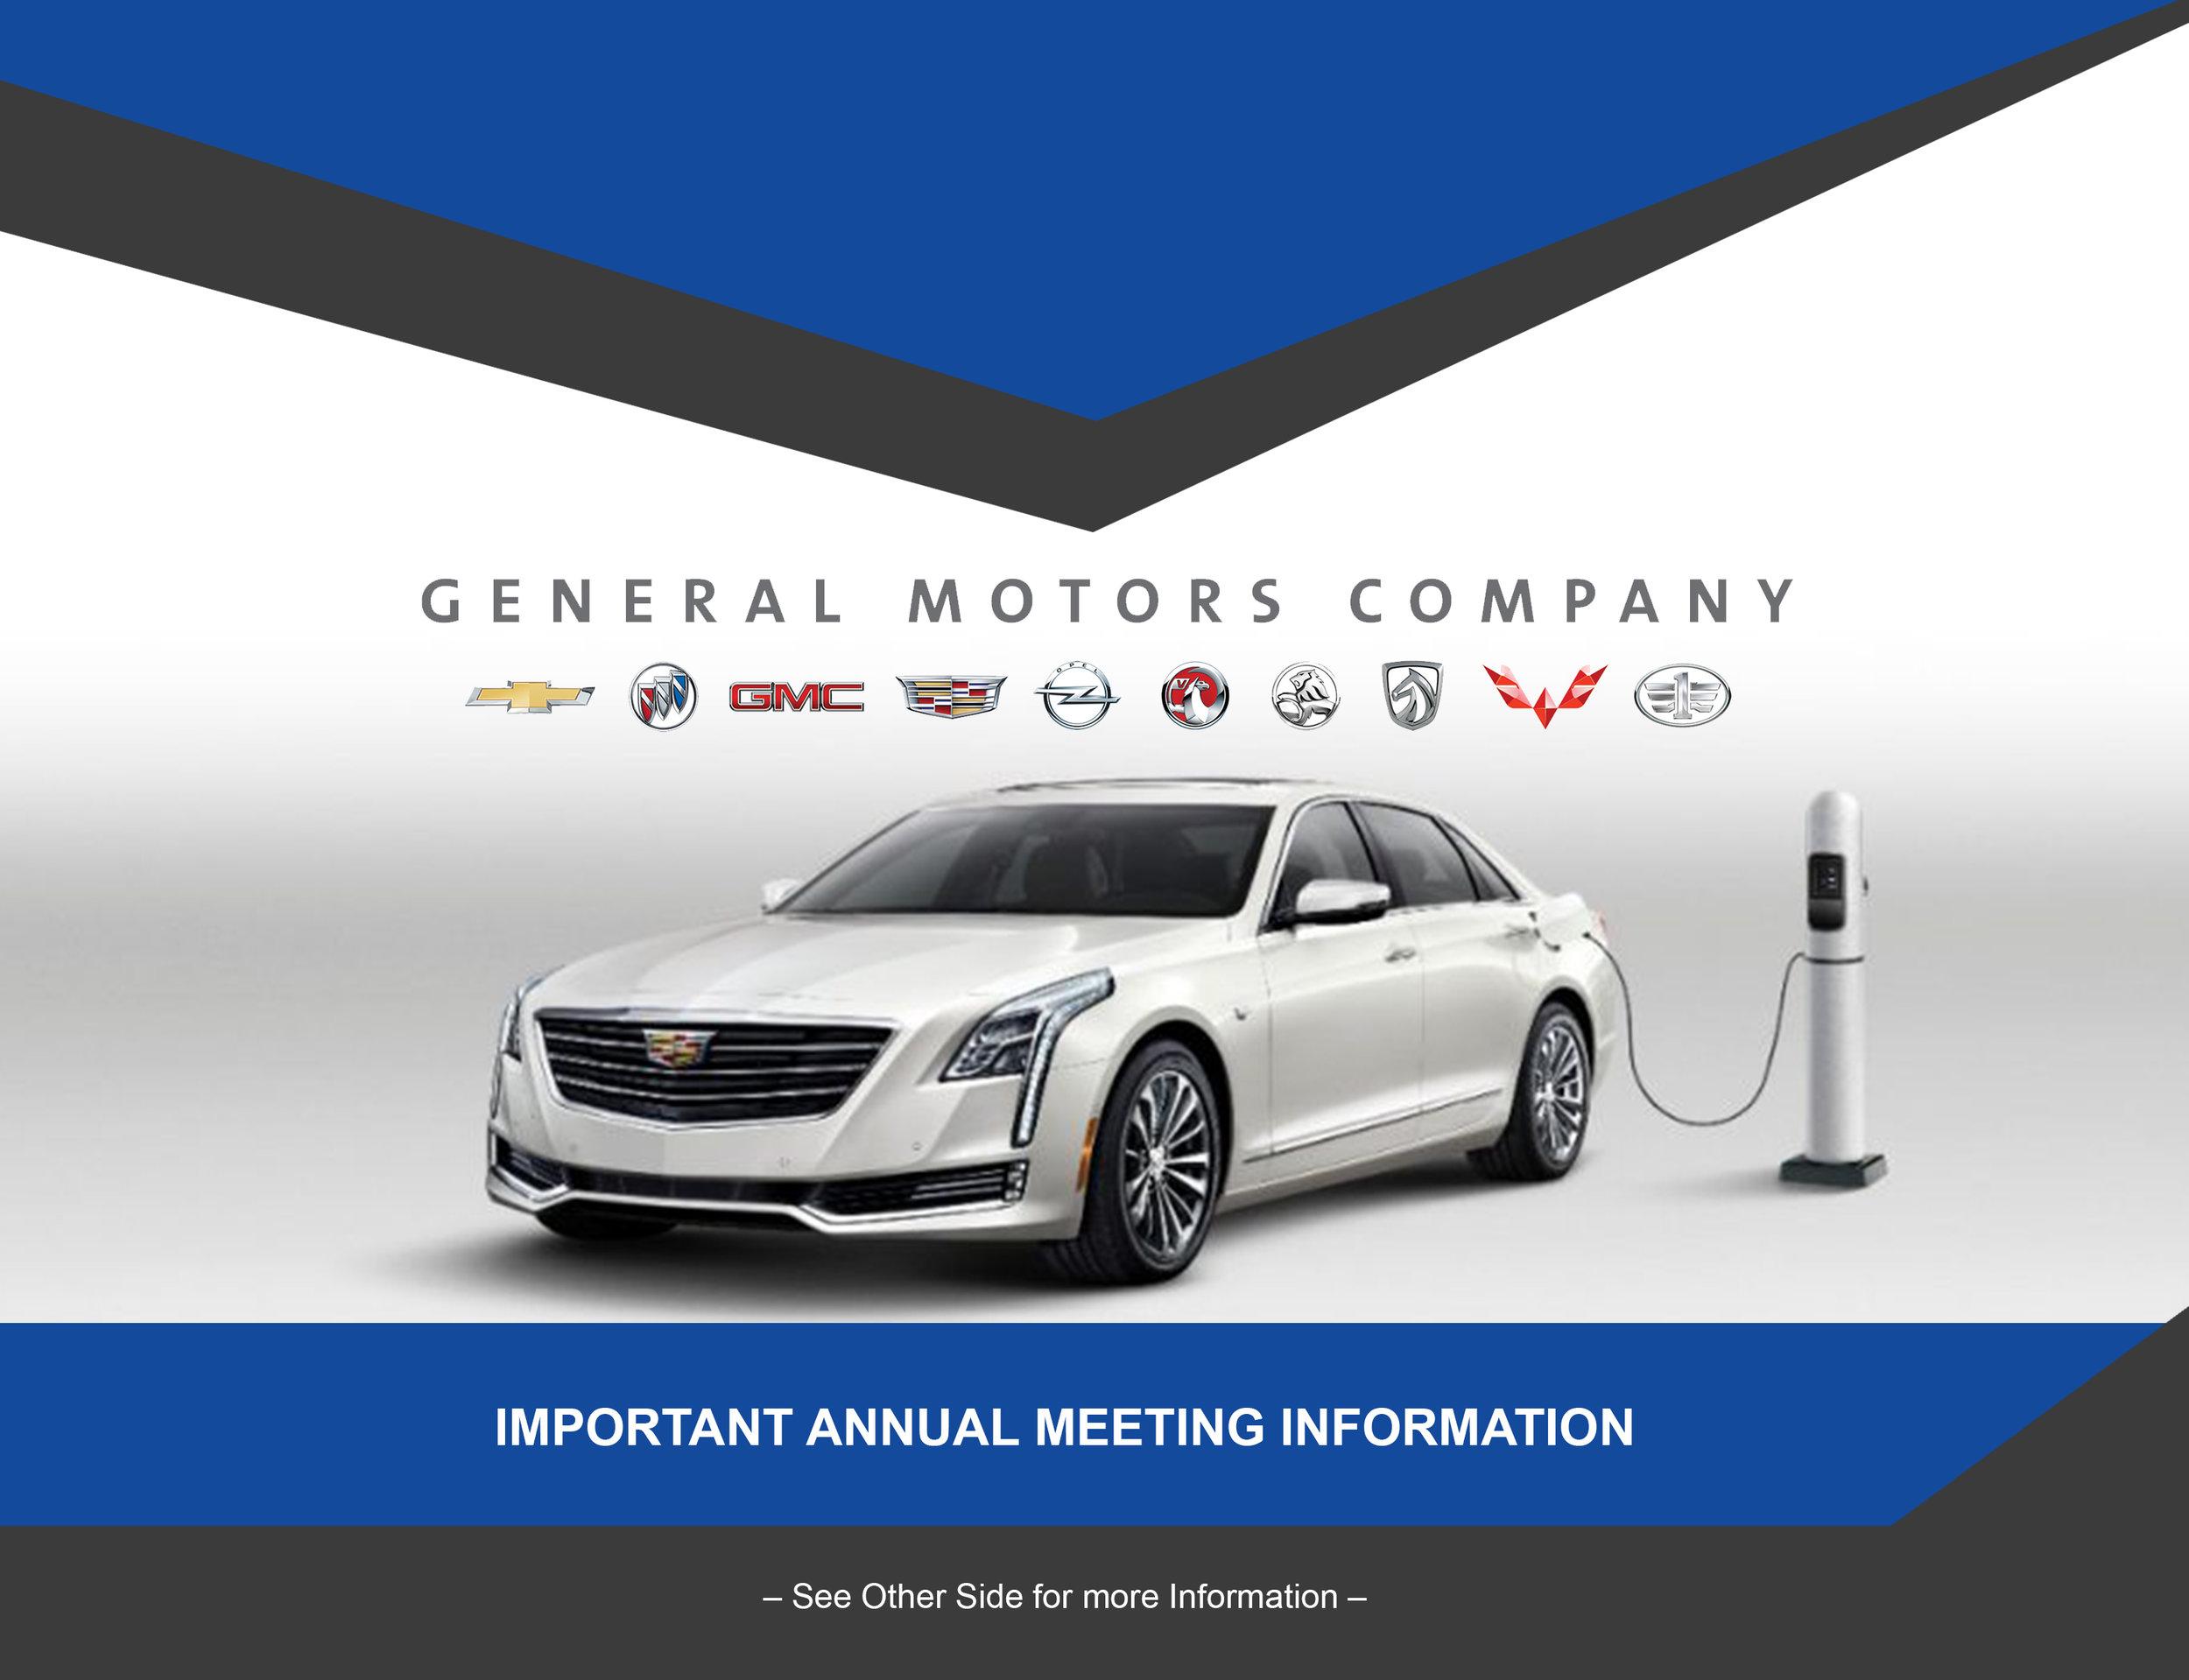 General Motors_Style 6_Full Package_Insert_v4_11-22-16.jpg